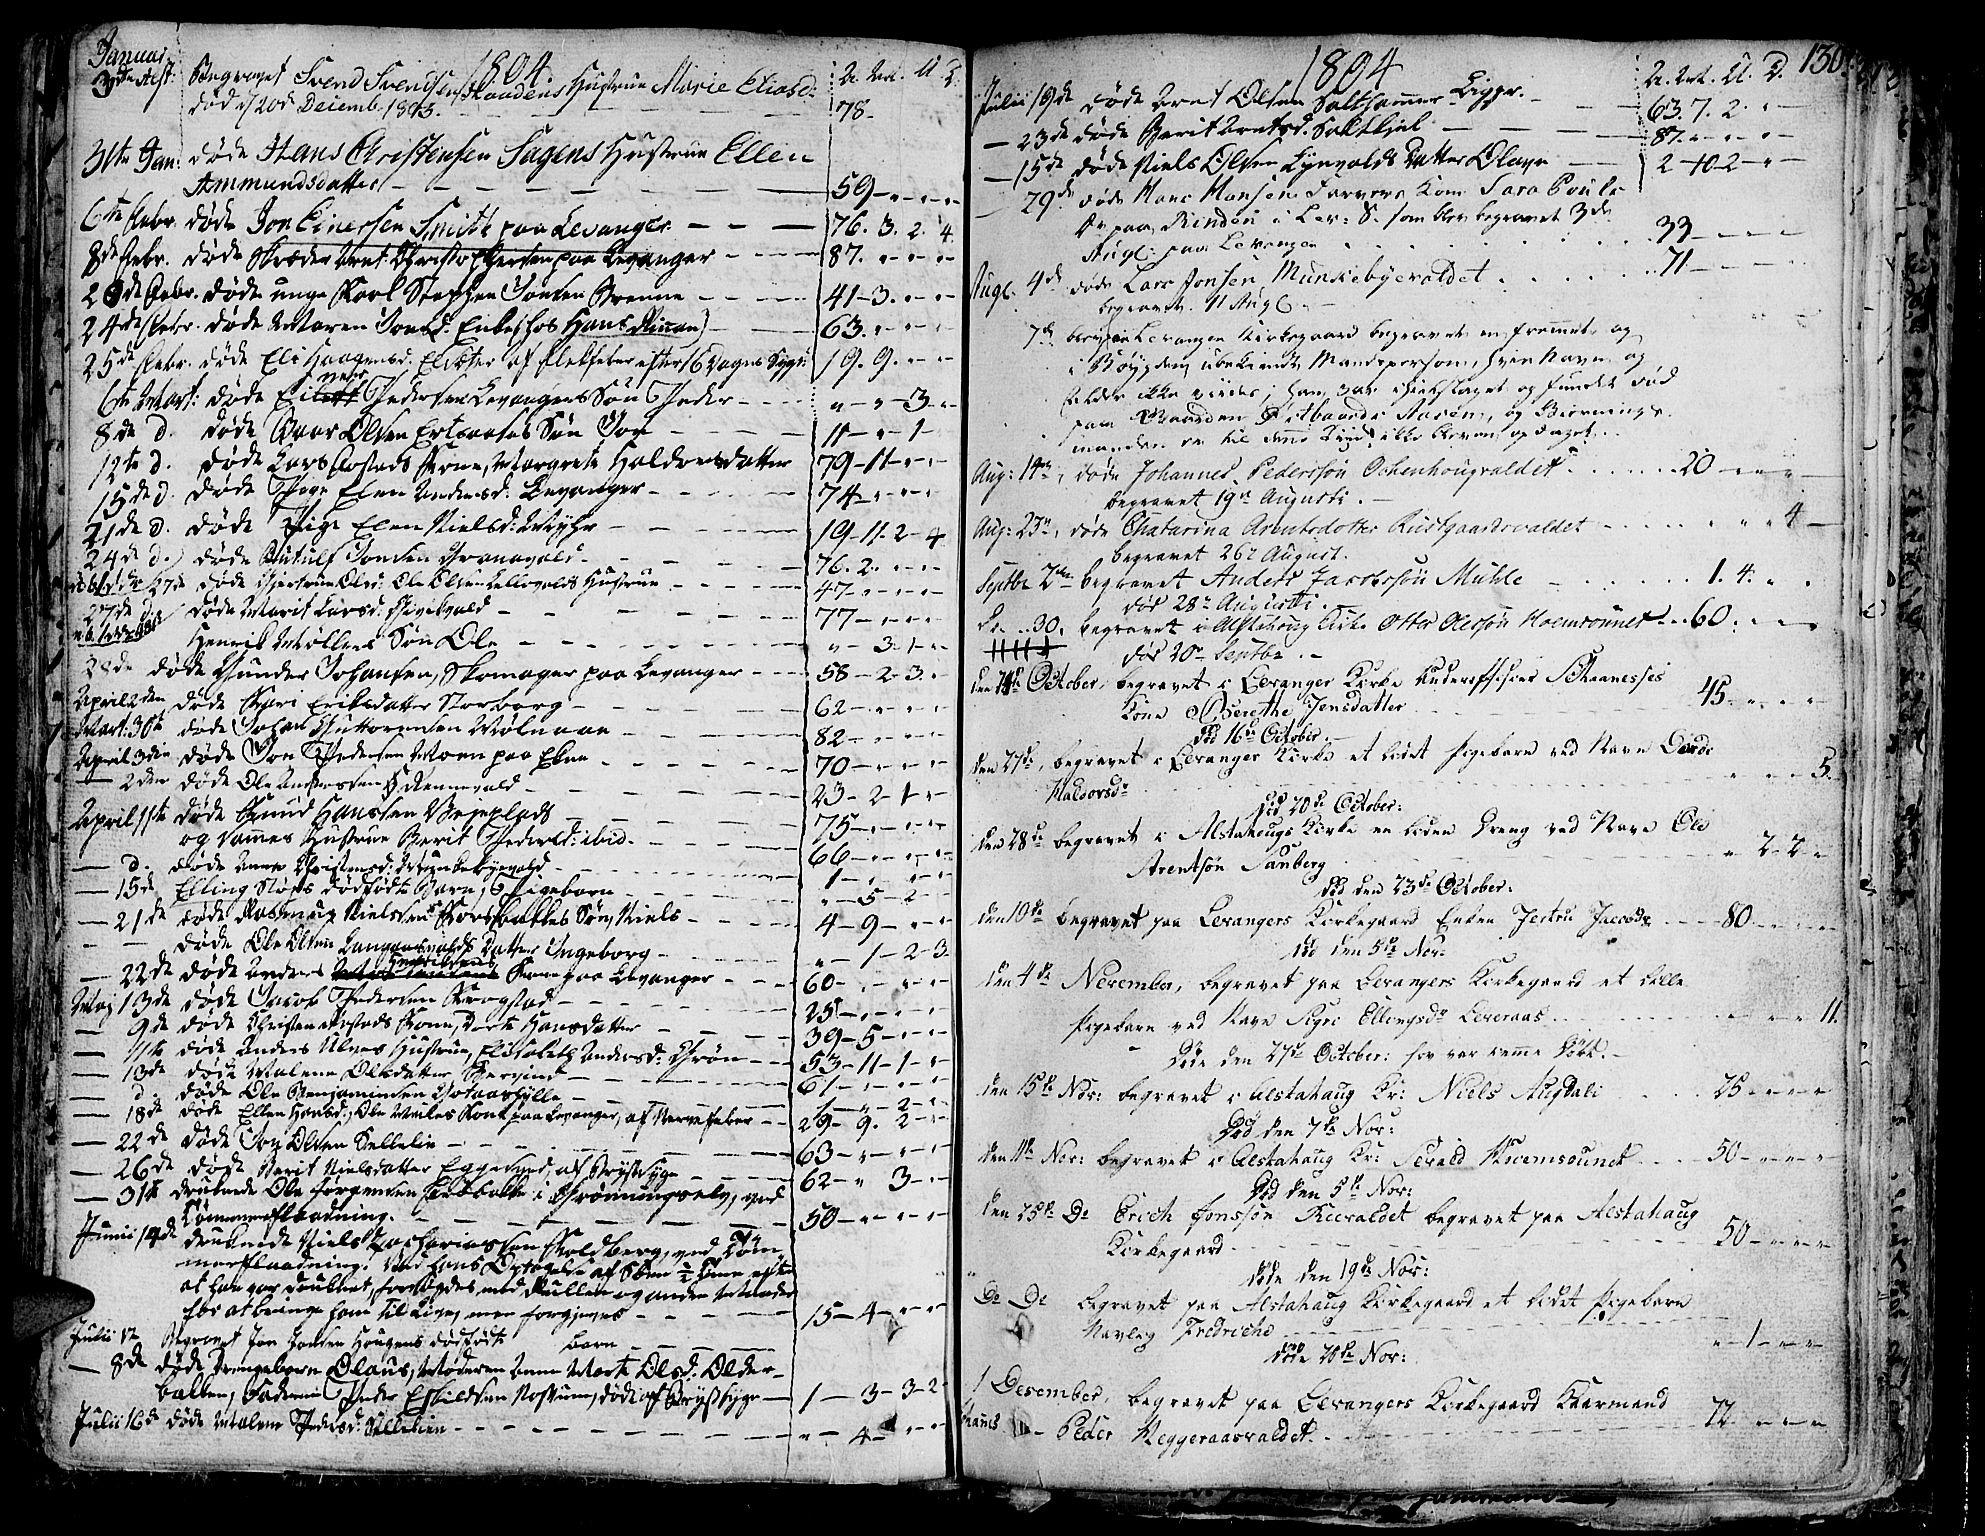 SAT, Ministerialprotokoller, klokkerbøker og fødselsregistre - Nord-Trøndelag, 717/L0142: Ministerialbok nr. 717A02 /1, 1783-1809, s. 130